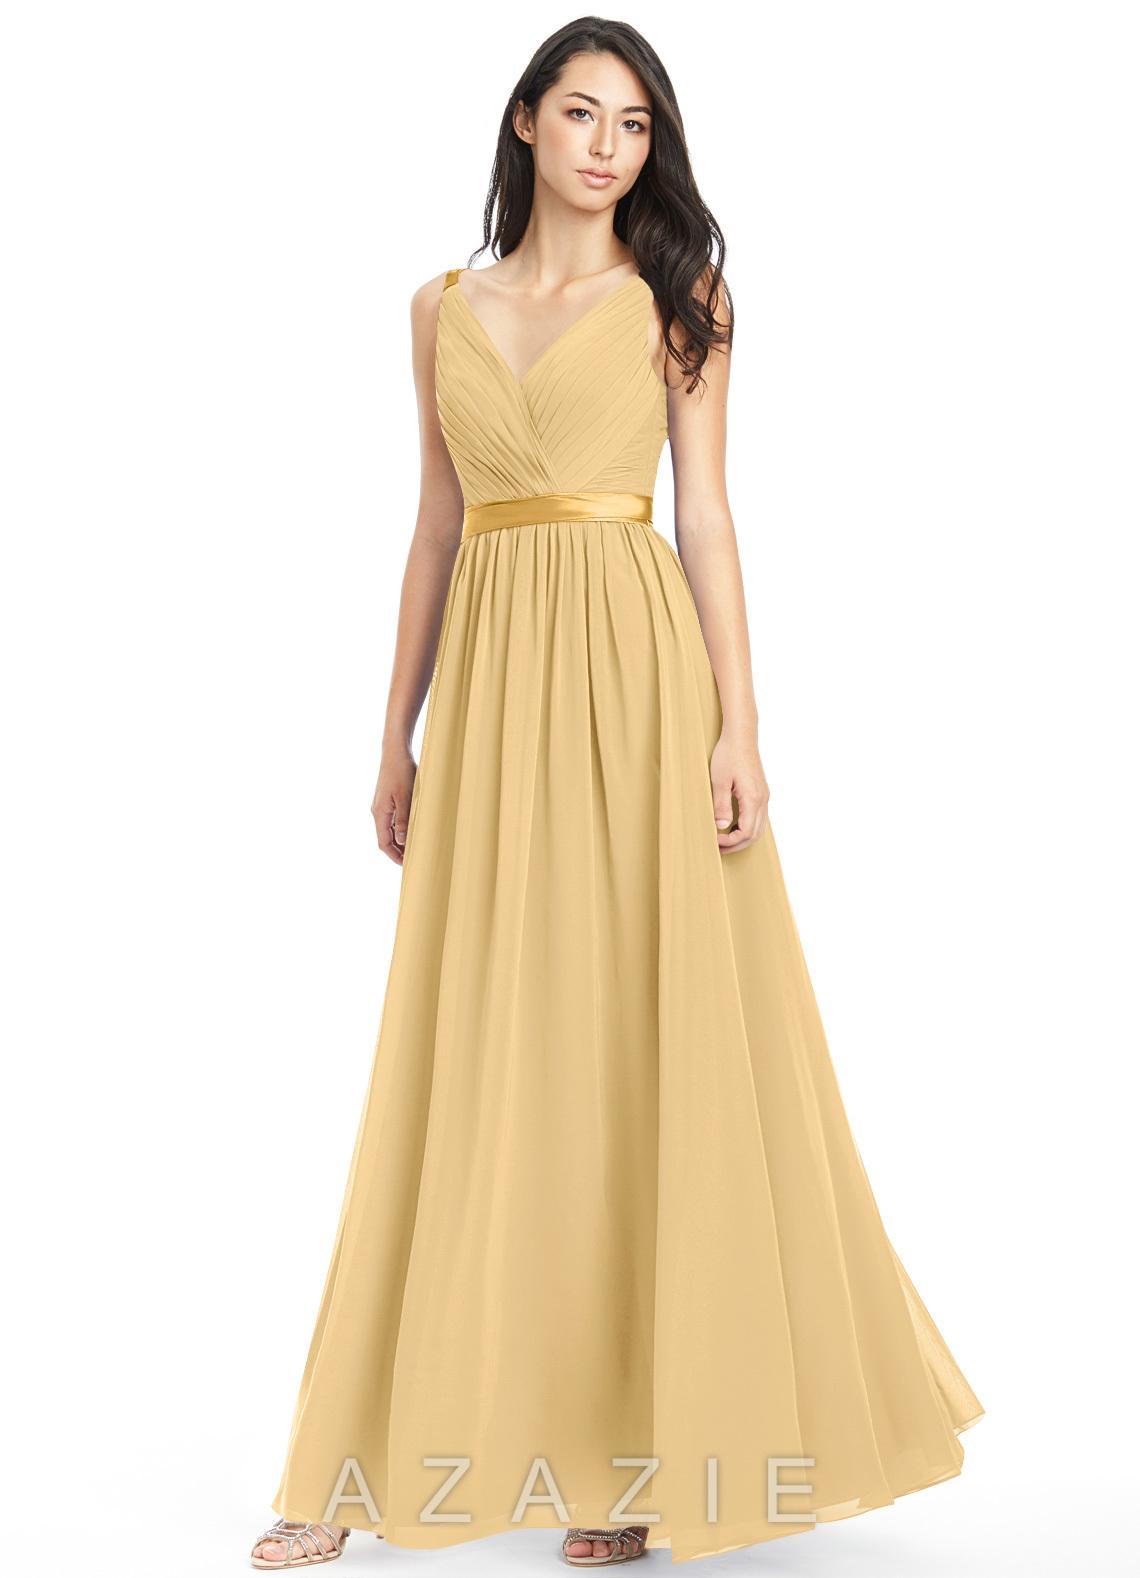 Azazie Leanna Bridesmaid Dress | Azazie - photo #12